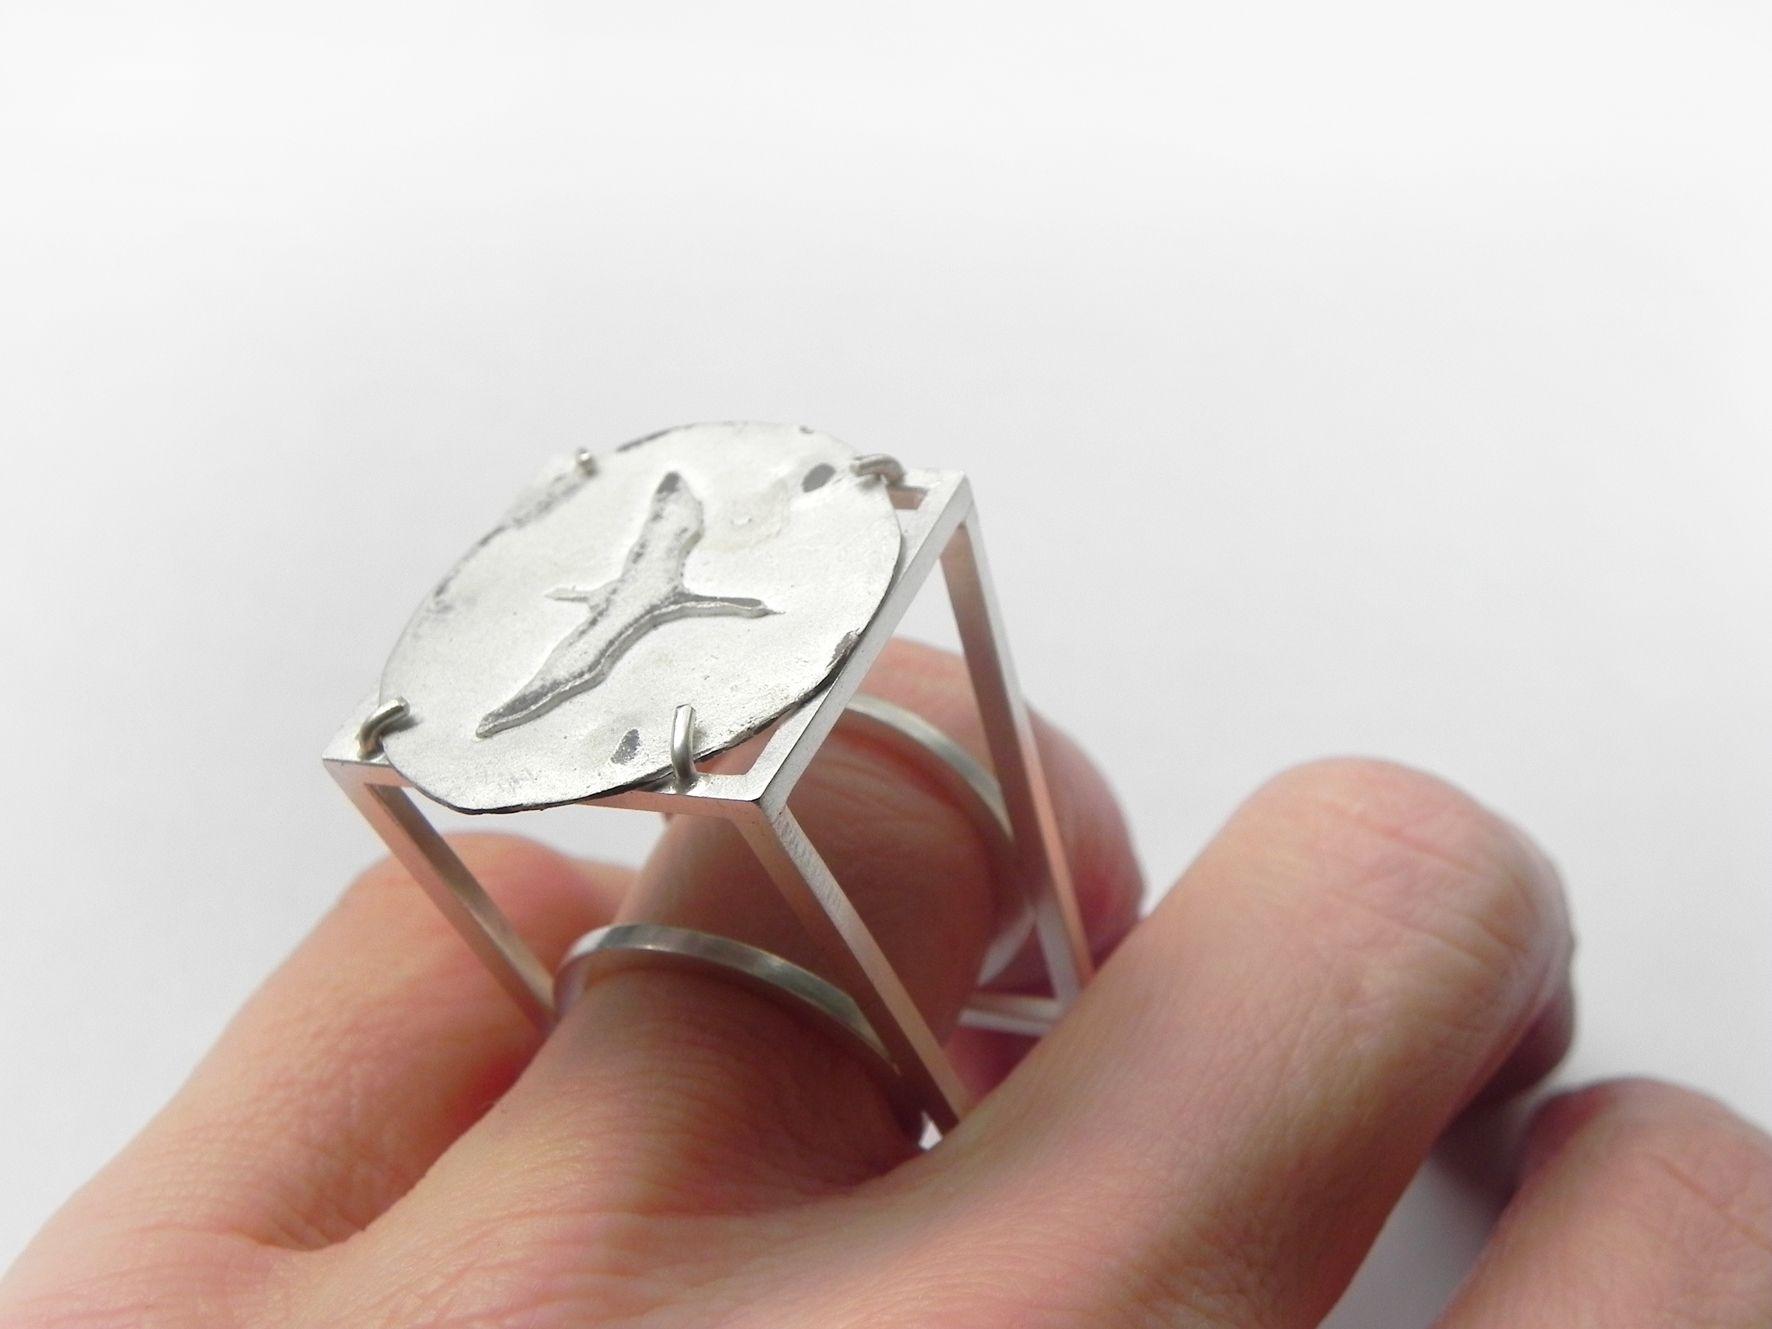 KRANICH Ring 935 Ag - die Konstruktion erhebt den Kranich über die Hand. #kraniche, #contemporaryjewelry #arianehartmann #silber